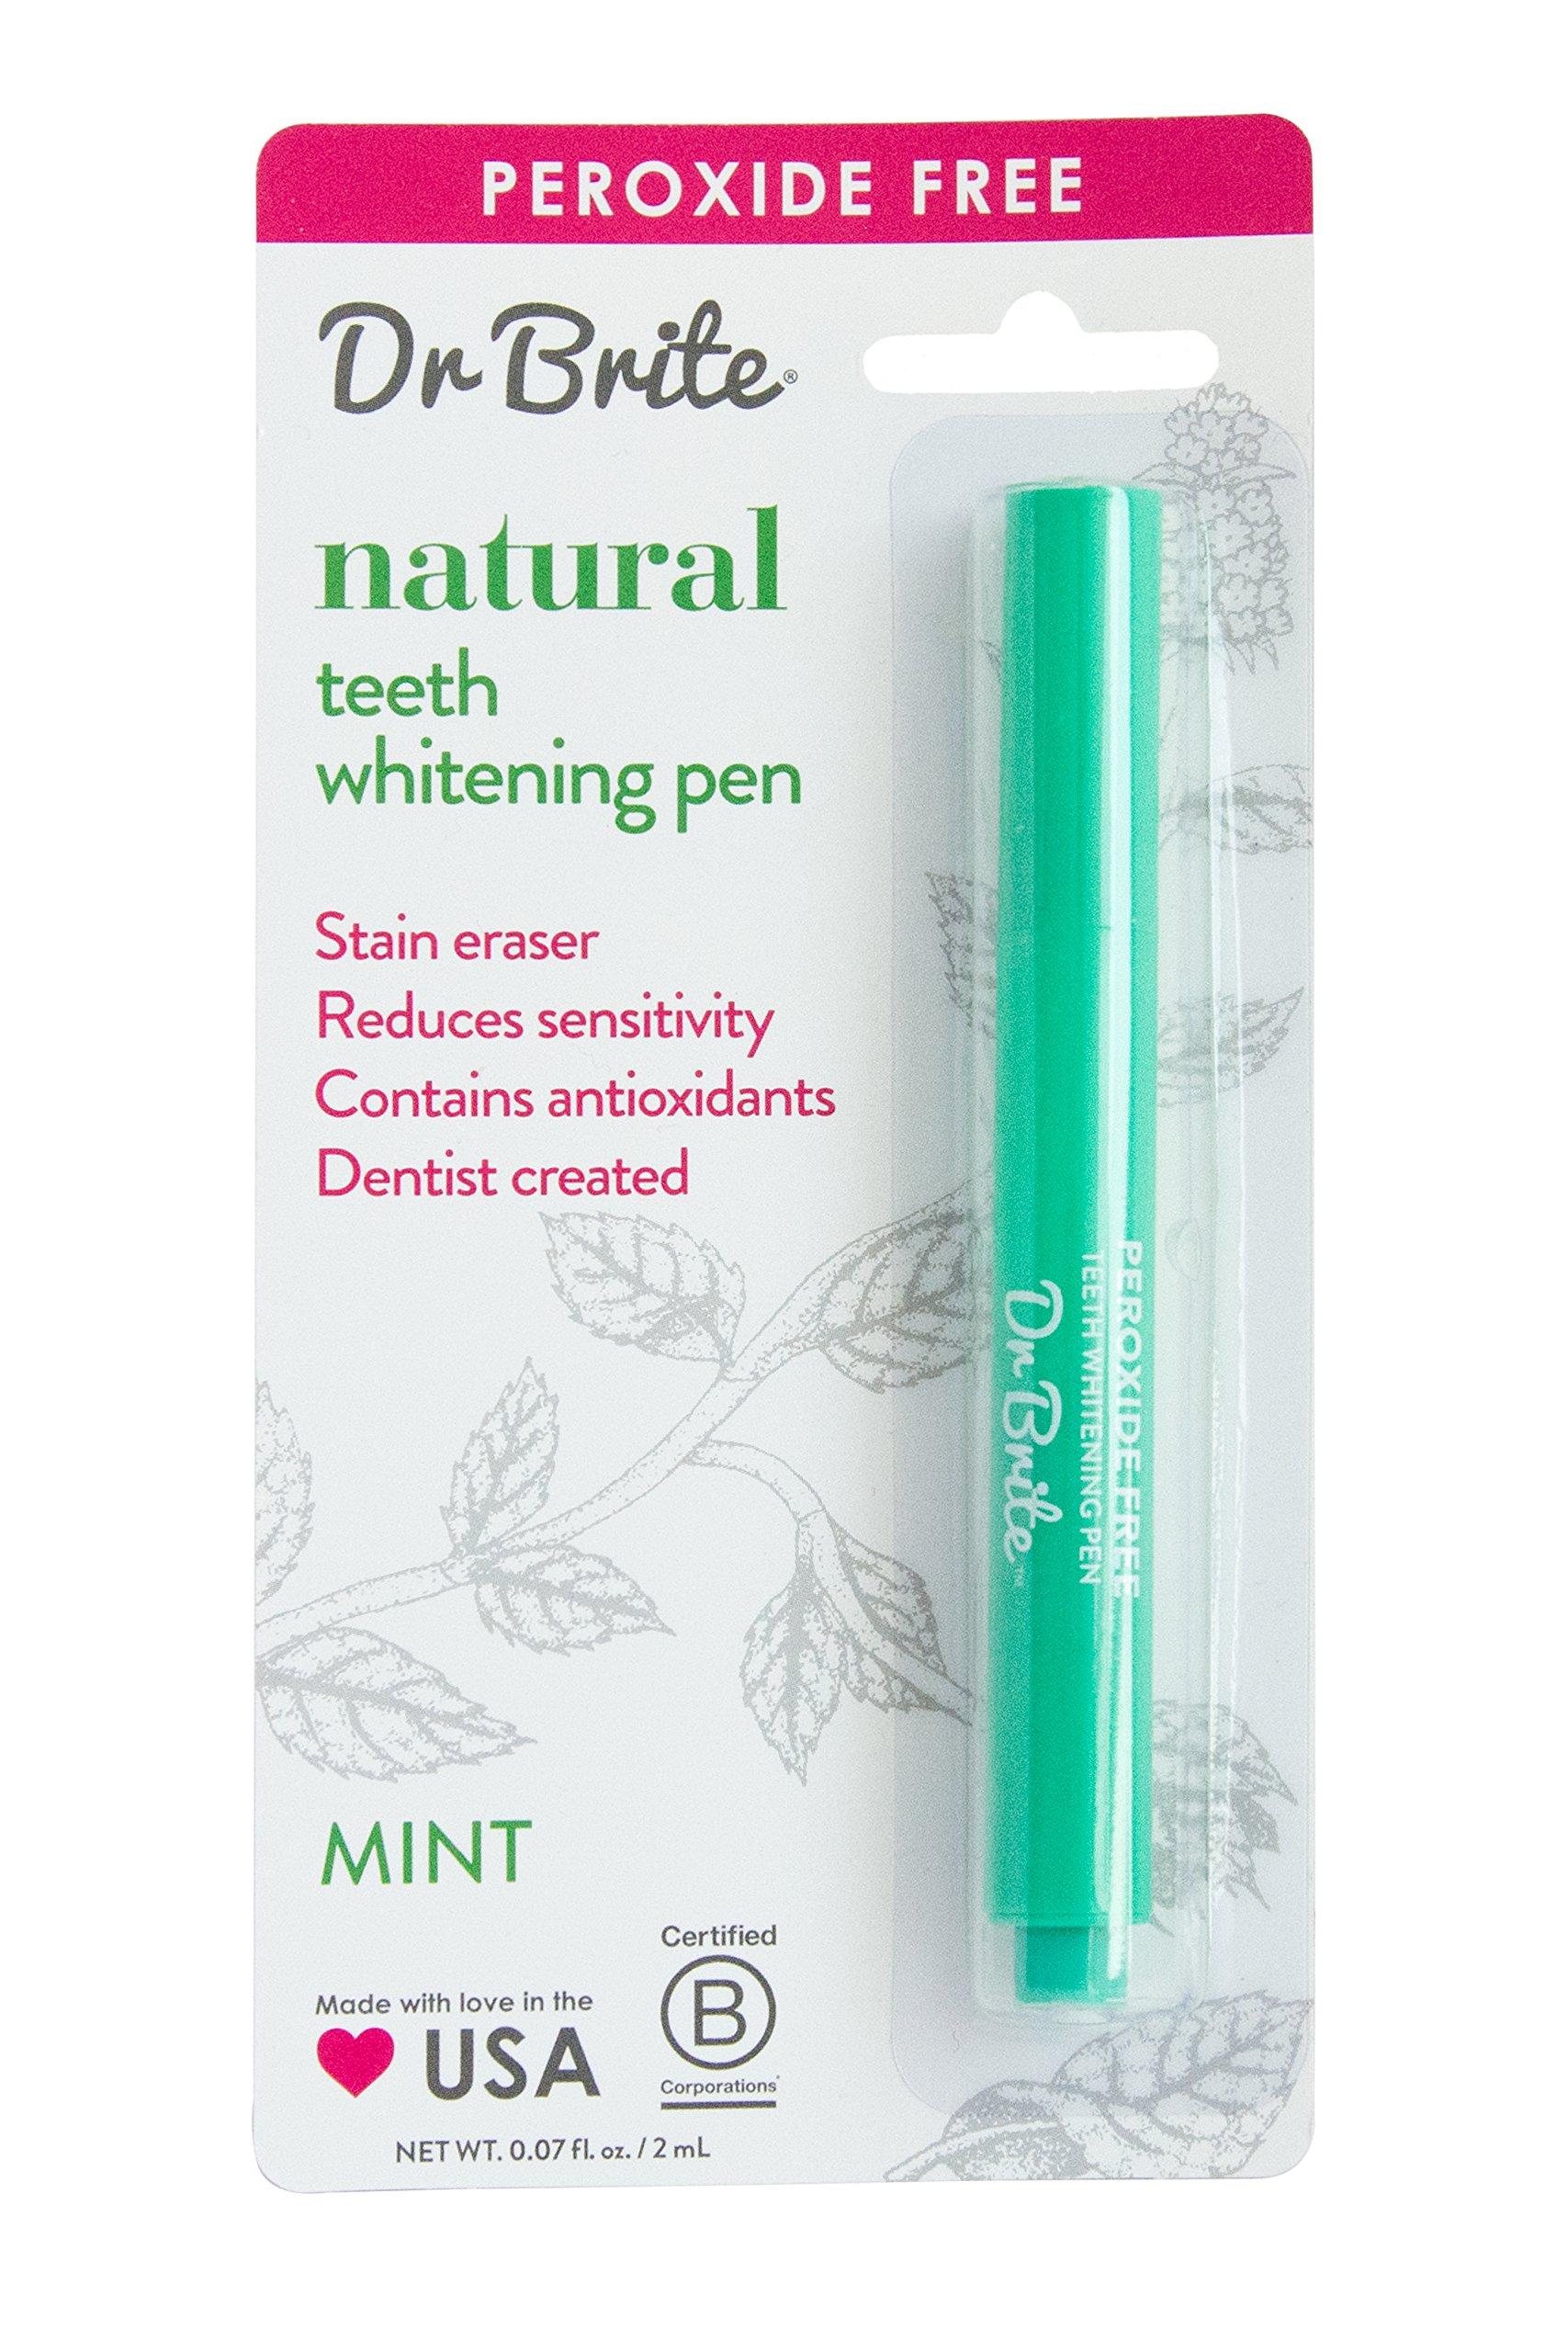 Dr. Brite Peroxide Free Teeth Whitening Pen, Mint, 0.067 Fluid Ounce